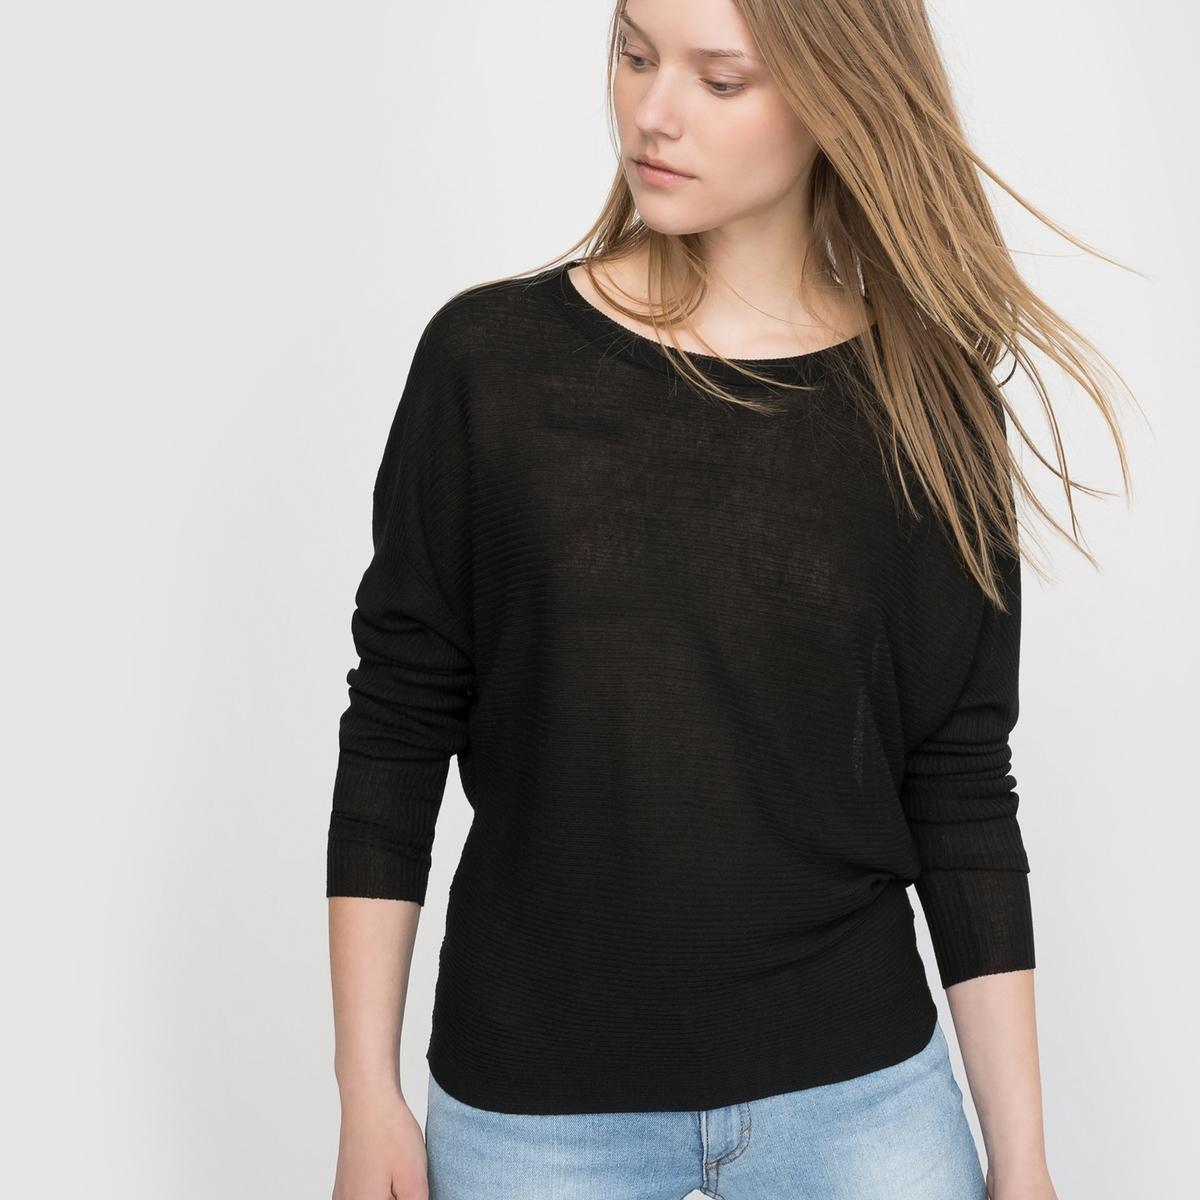 Пуловер с длинными рукавамиПуловер CHEAP MONDAY. Длинные рукава. Круглый вырез. Вырез на спине.Состав и описание     Материал     95% вискозы, 5% нейлона®     Марка    CHEAP MONDAY<br><br>Цвет: черный<br>Размер: S